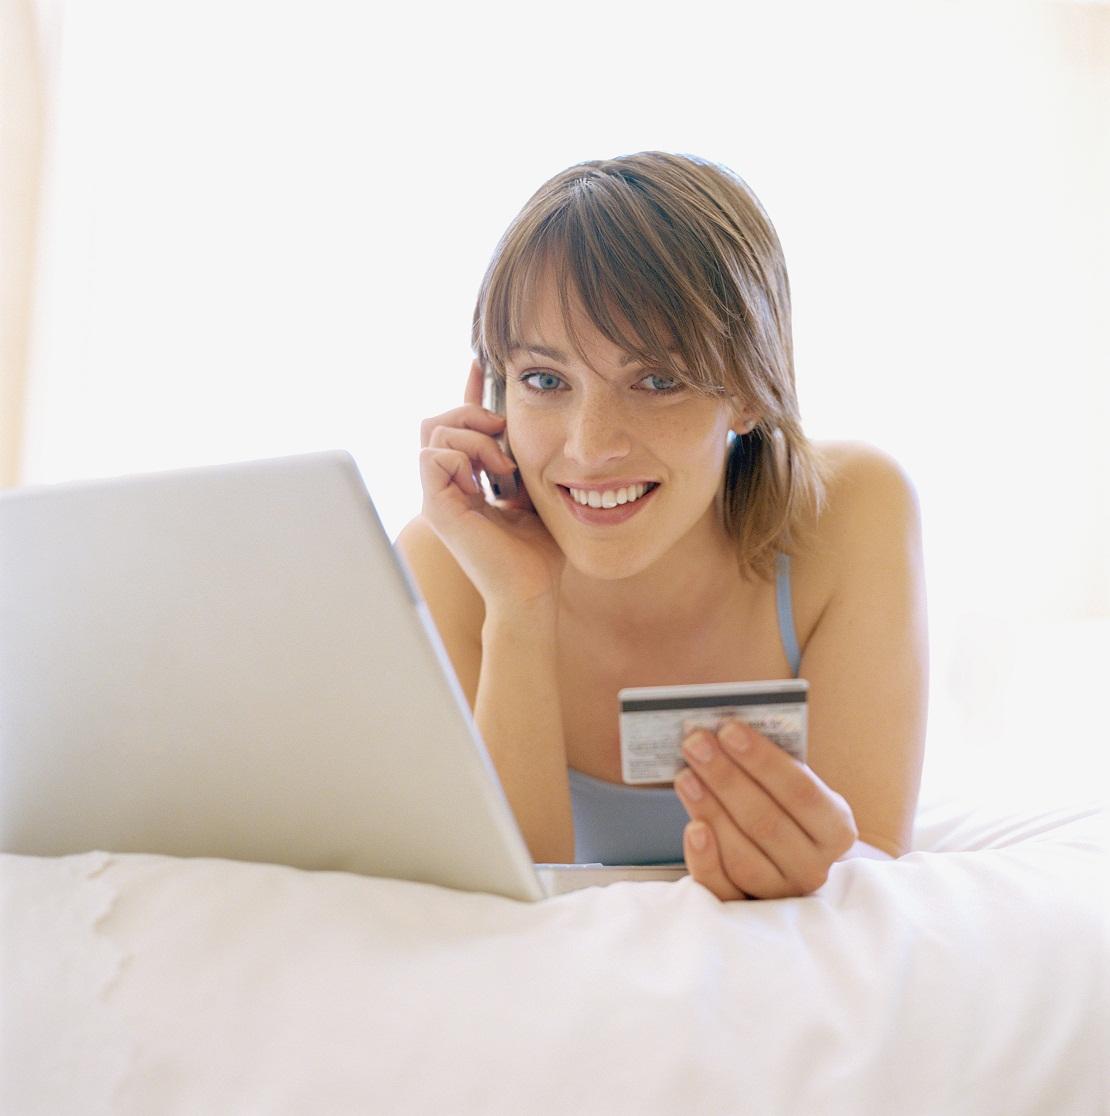 пиши заказать онлайн карту сбербанка виза классик слова! РЕСПЕКТ!!! должны